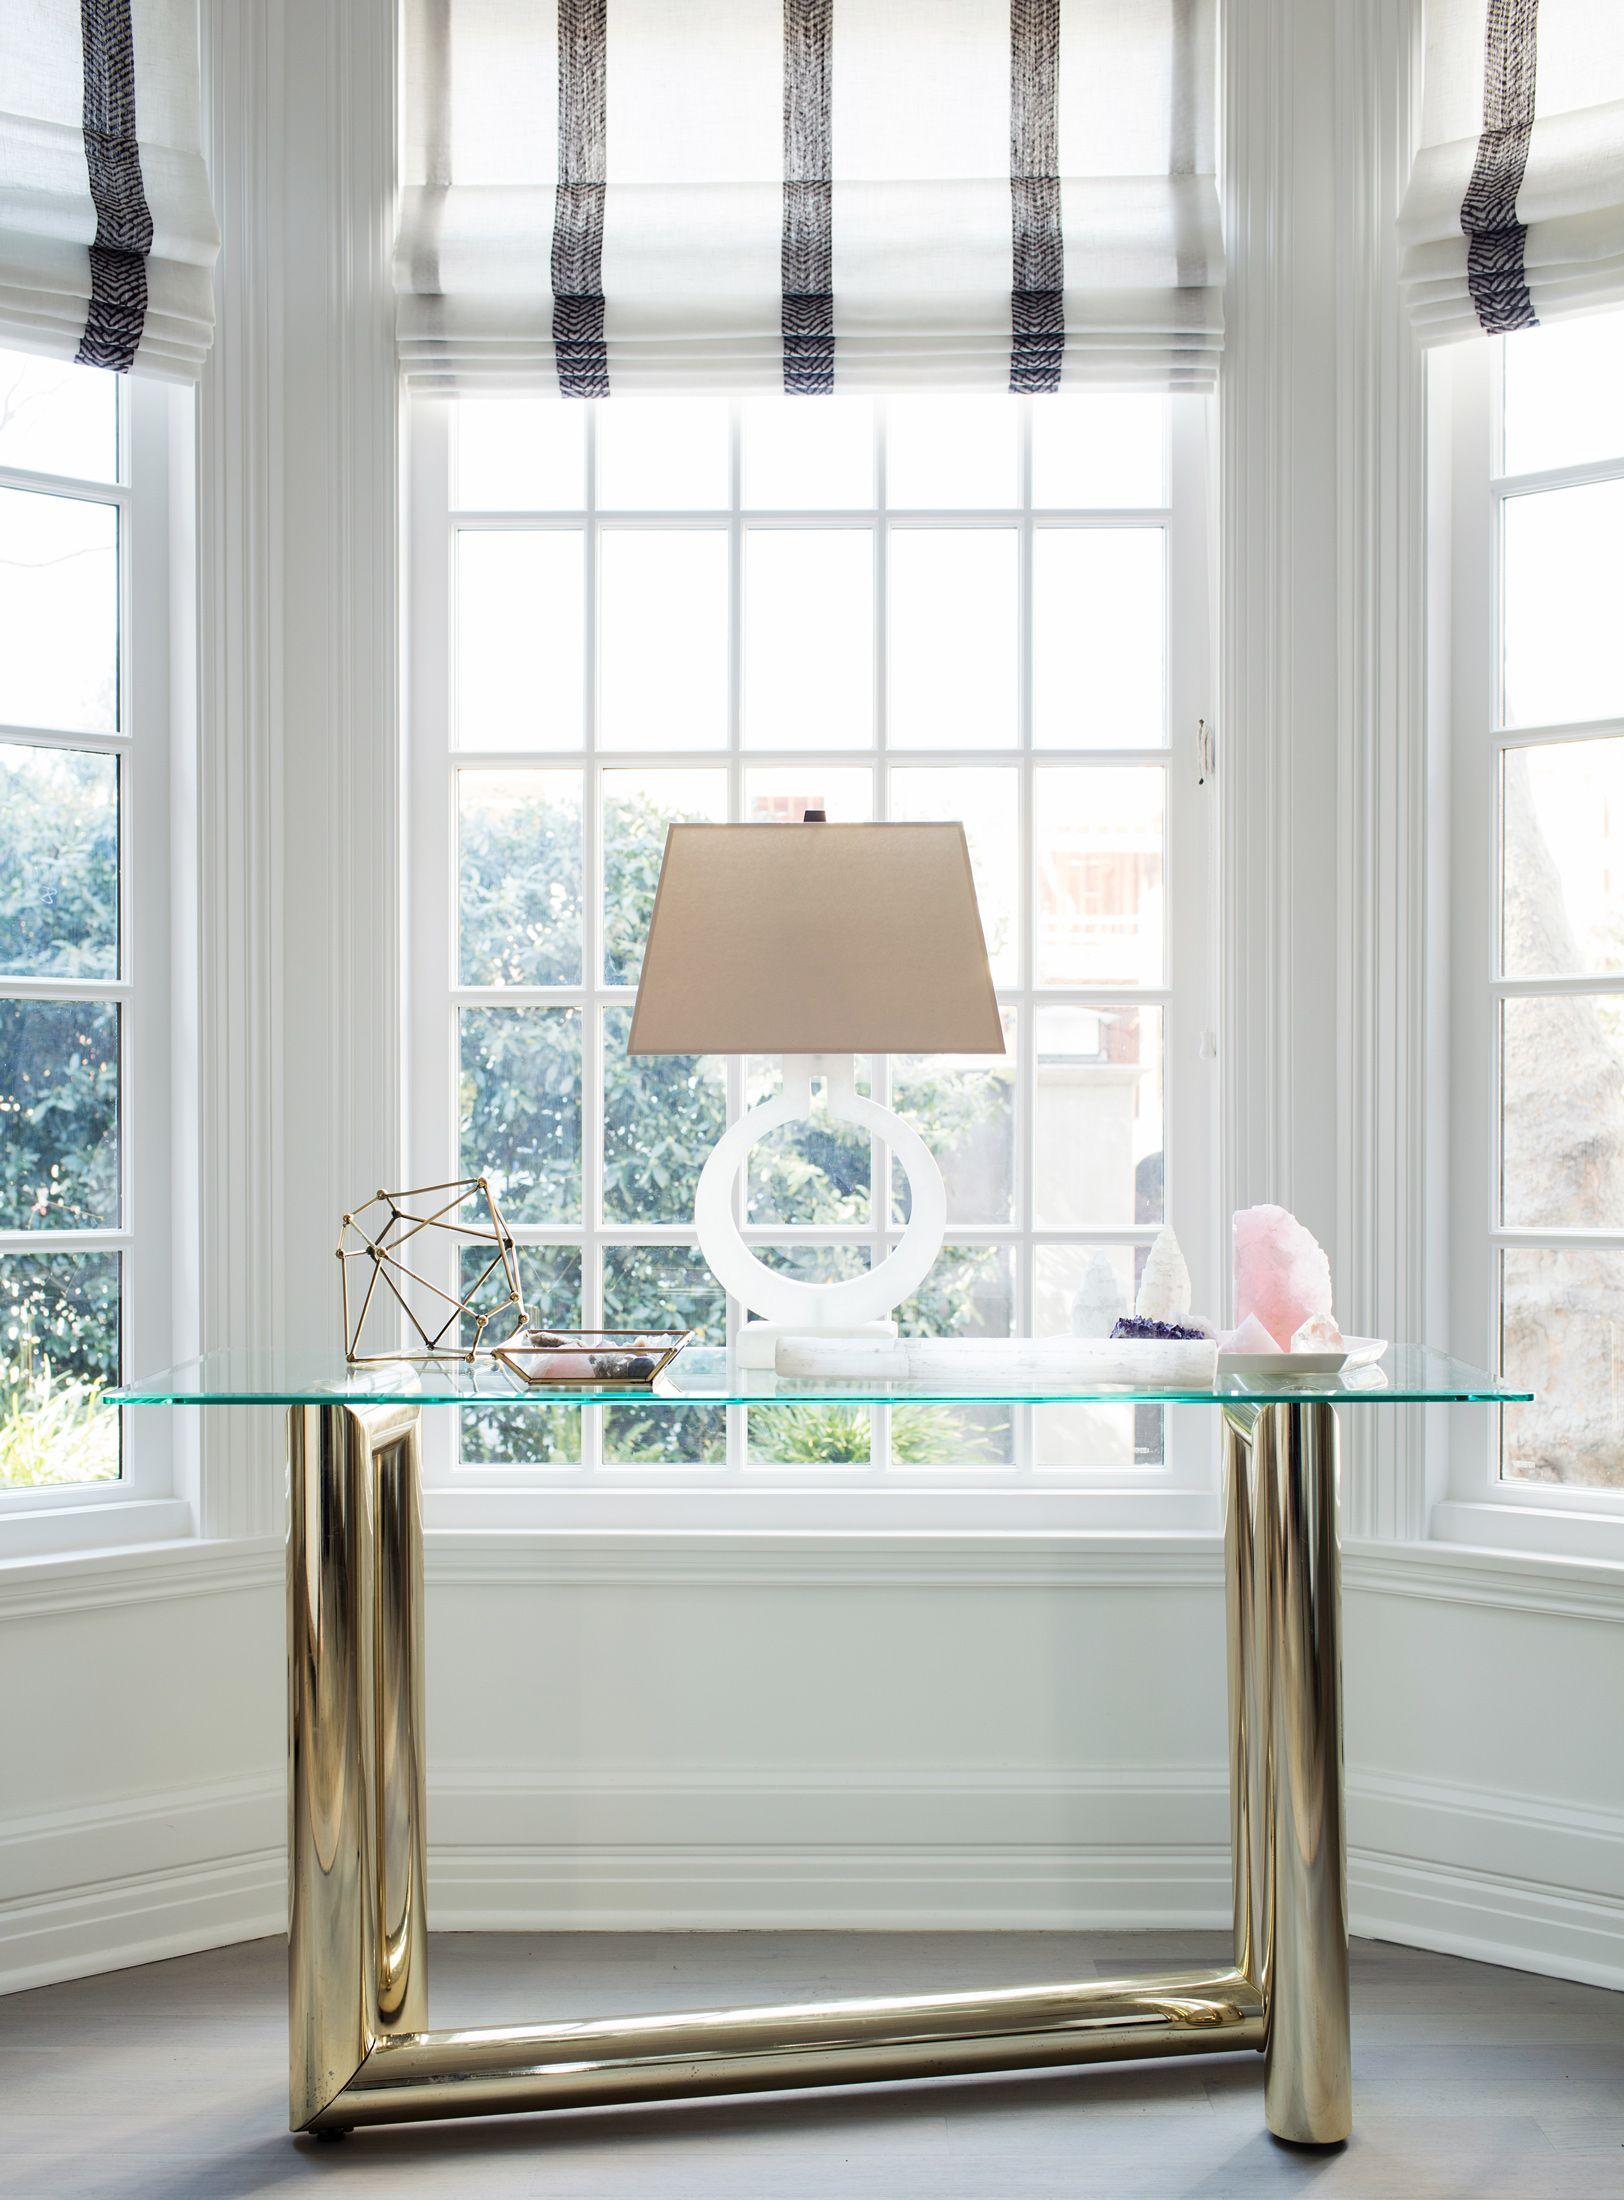 Peek Inside Designer Erin Fetherstons New LA Home Raffrollo - Raffrollo schlafzimmer